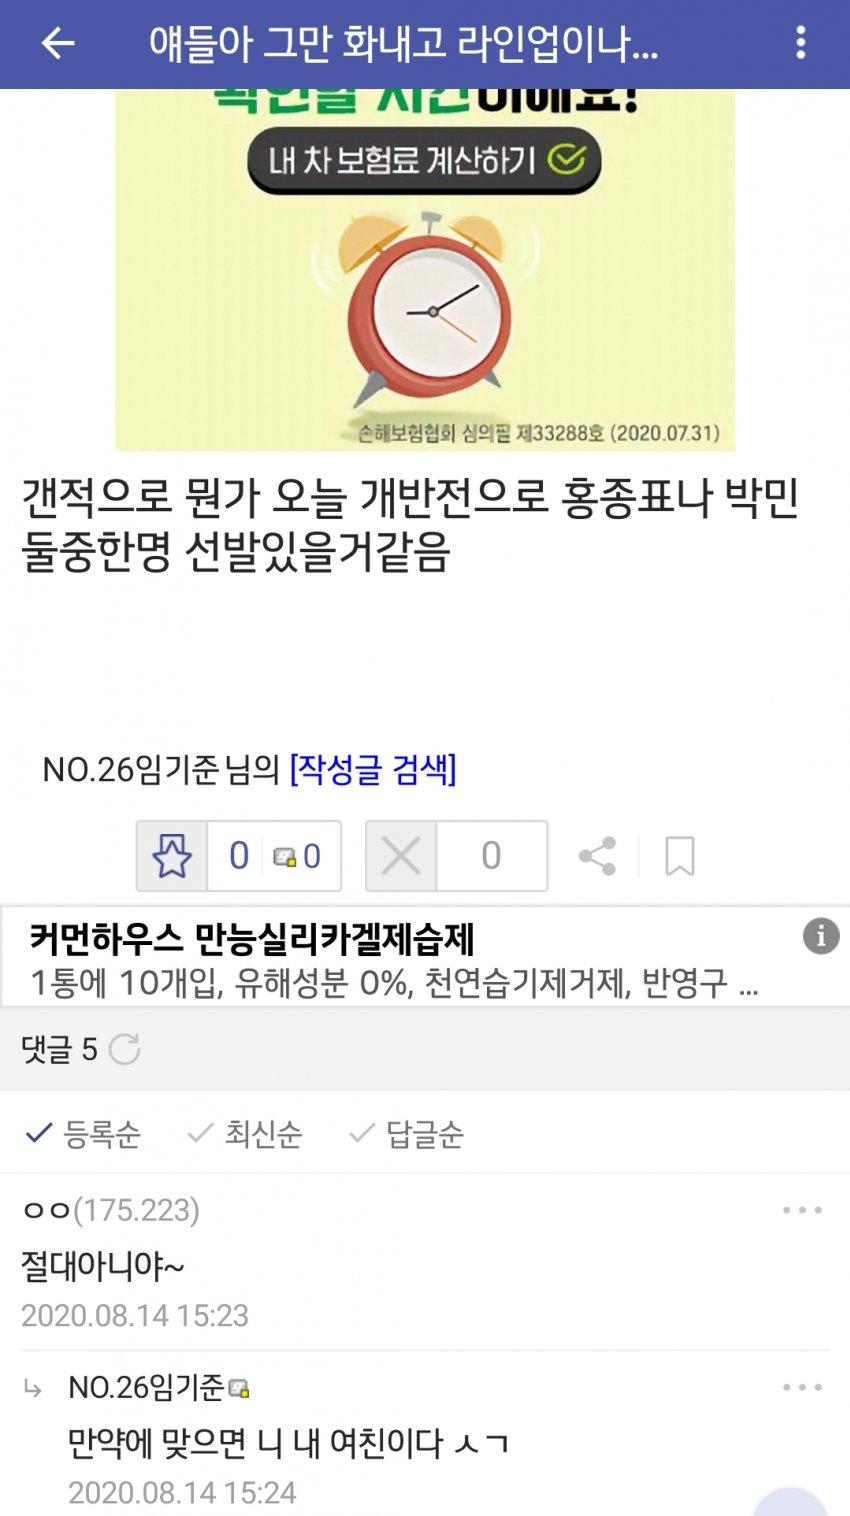 viewimage.php?no=24b0d769e1d32ca73dec86fa11d02831e11ed4e1ce518c3fae84bae8609c8e5fb3cd13e22f5315351b74f31313f7cba79d943b44053cfd64501415c681d2f9fdbcaf2dabf736389c4d41bd1f5914ee4653ebaa2d5f15df062b6583e1dc7bd384c0be5e88b964a7